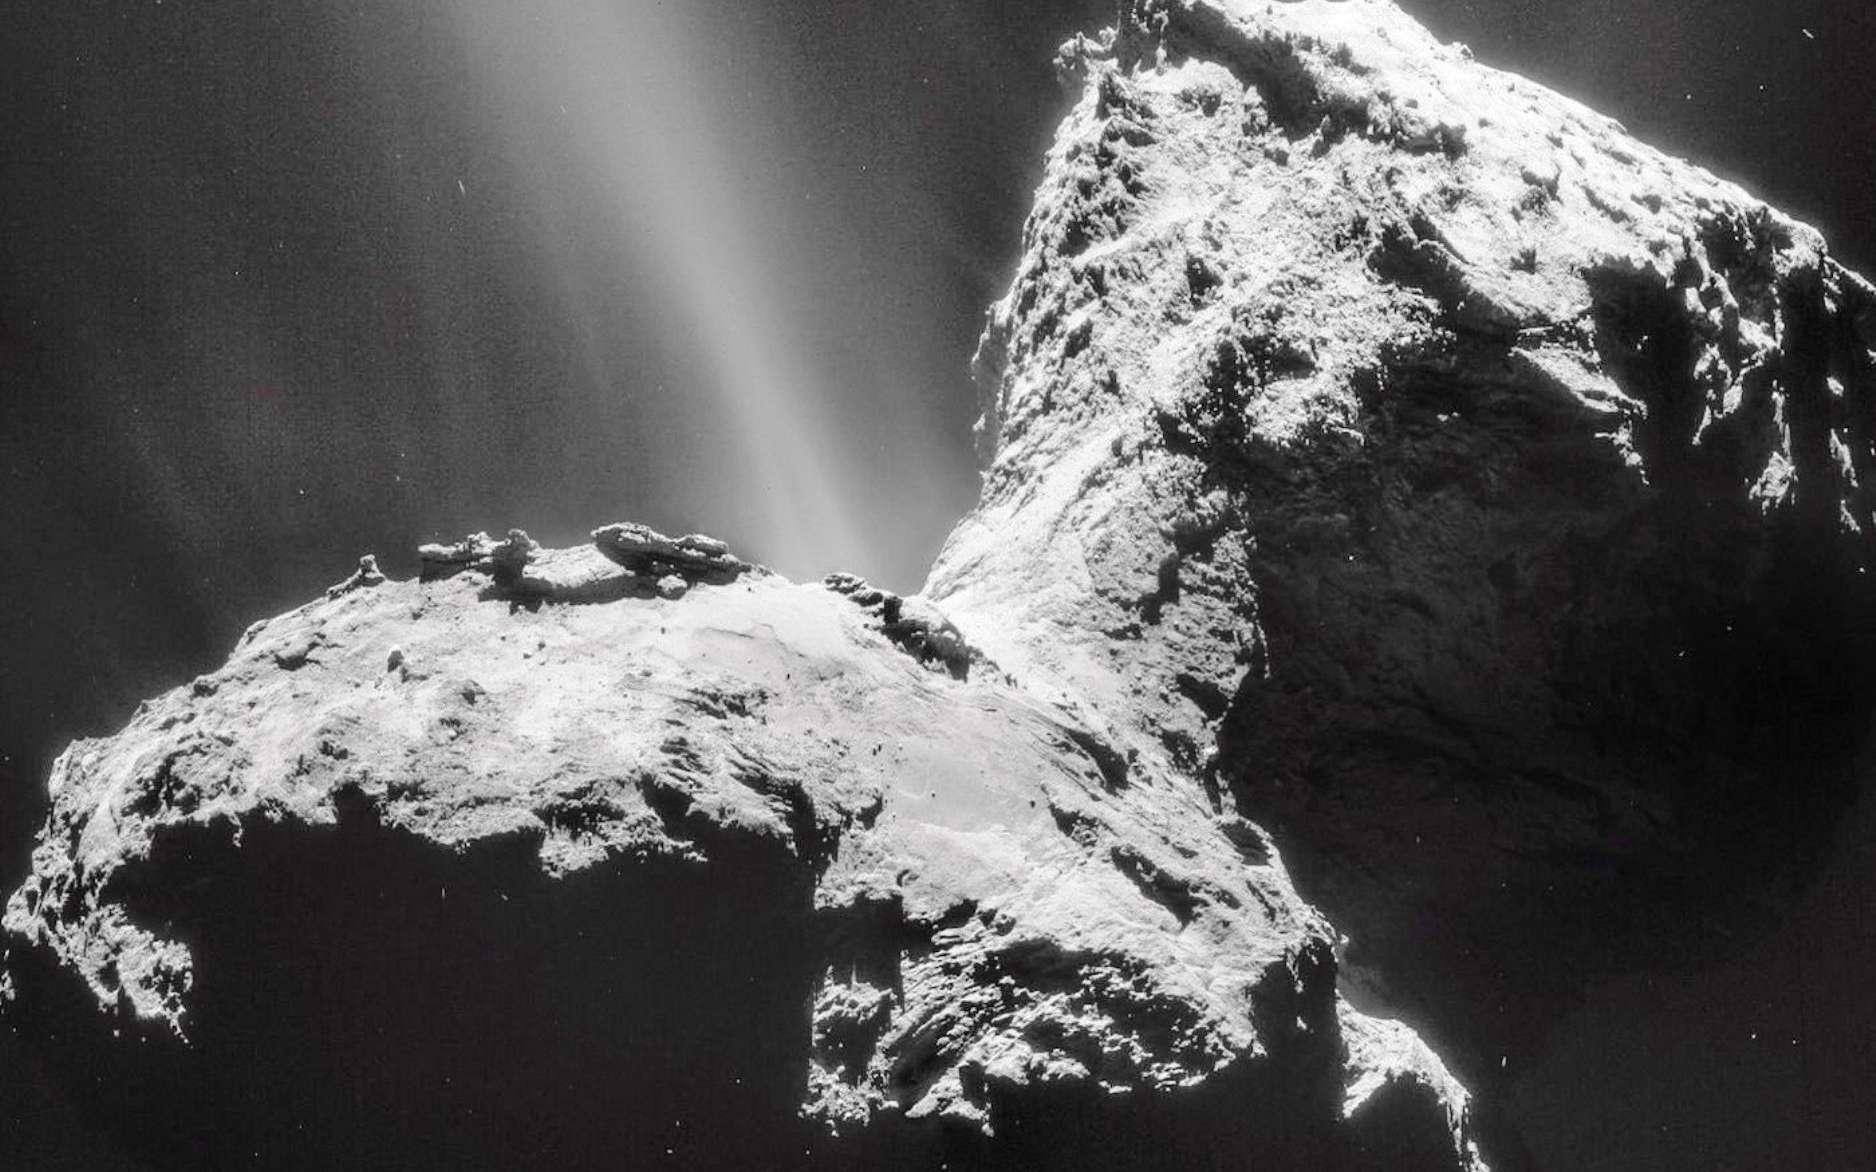 La sonde Rosetta s'écrasera très bientôt à la surface de la comète Churyumov-Gerasimenko. © ESA